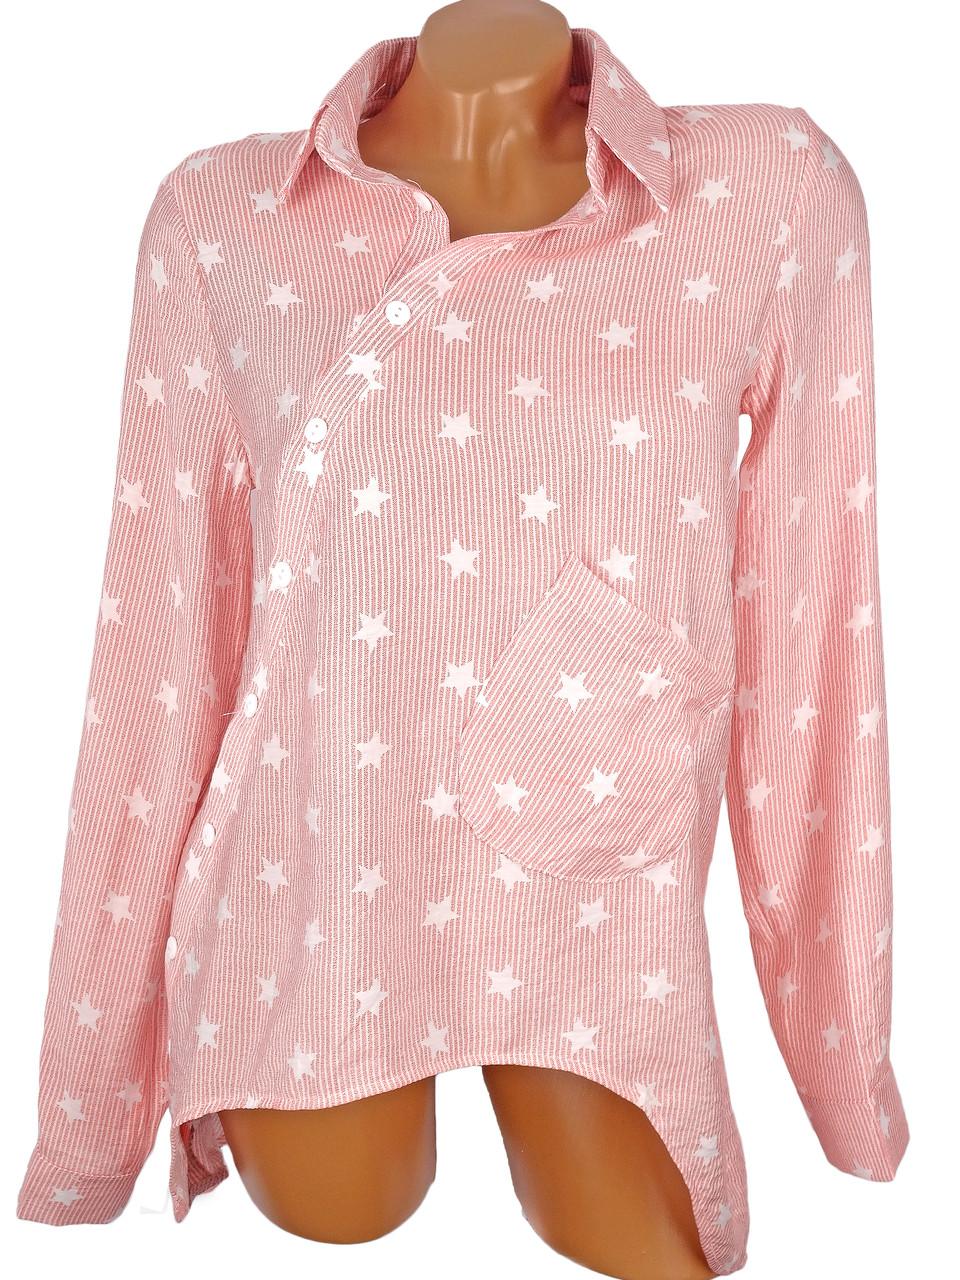 Ассиметричная рубашка в звезды (в расцветках)